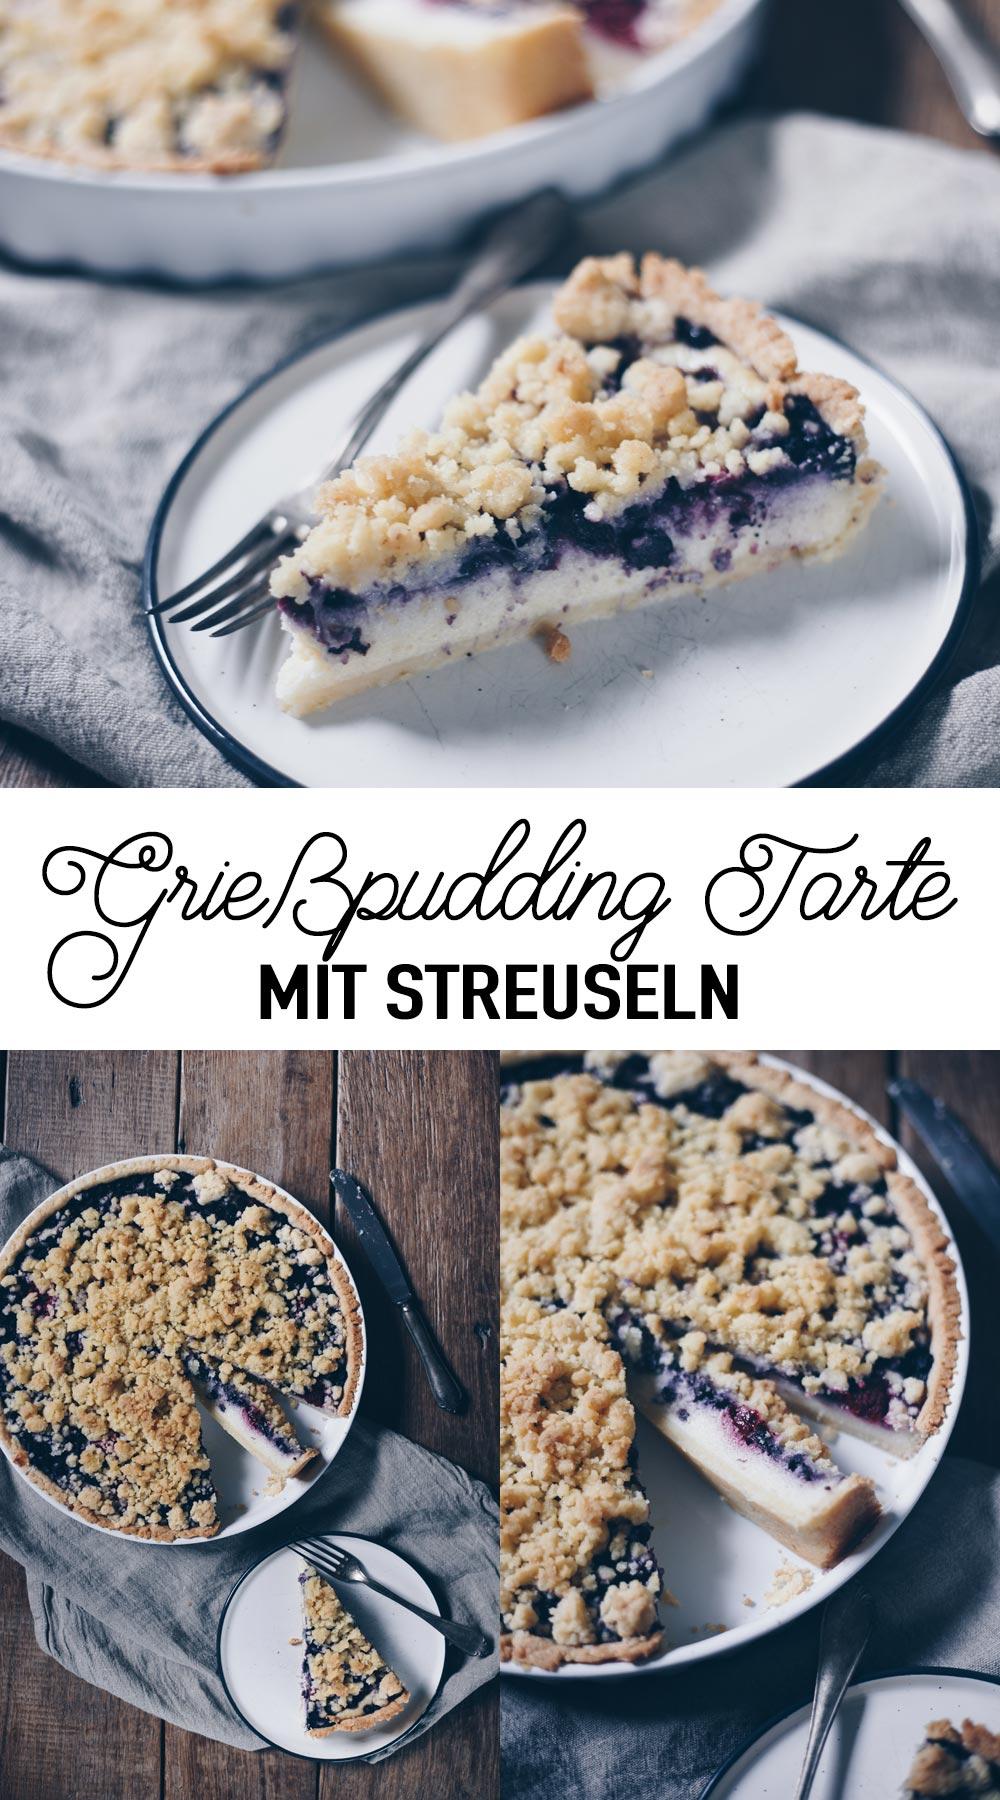 Grießpudding Tarte mit Beeren und Streuseln backen